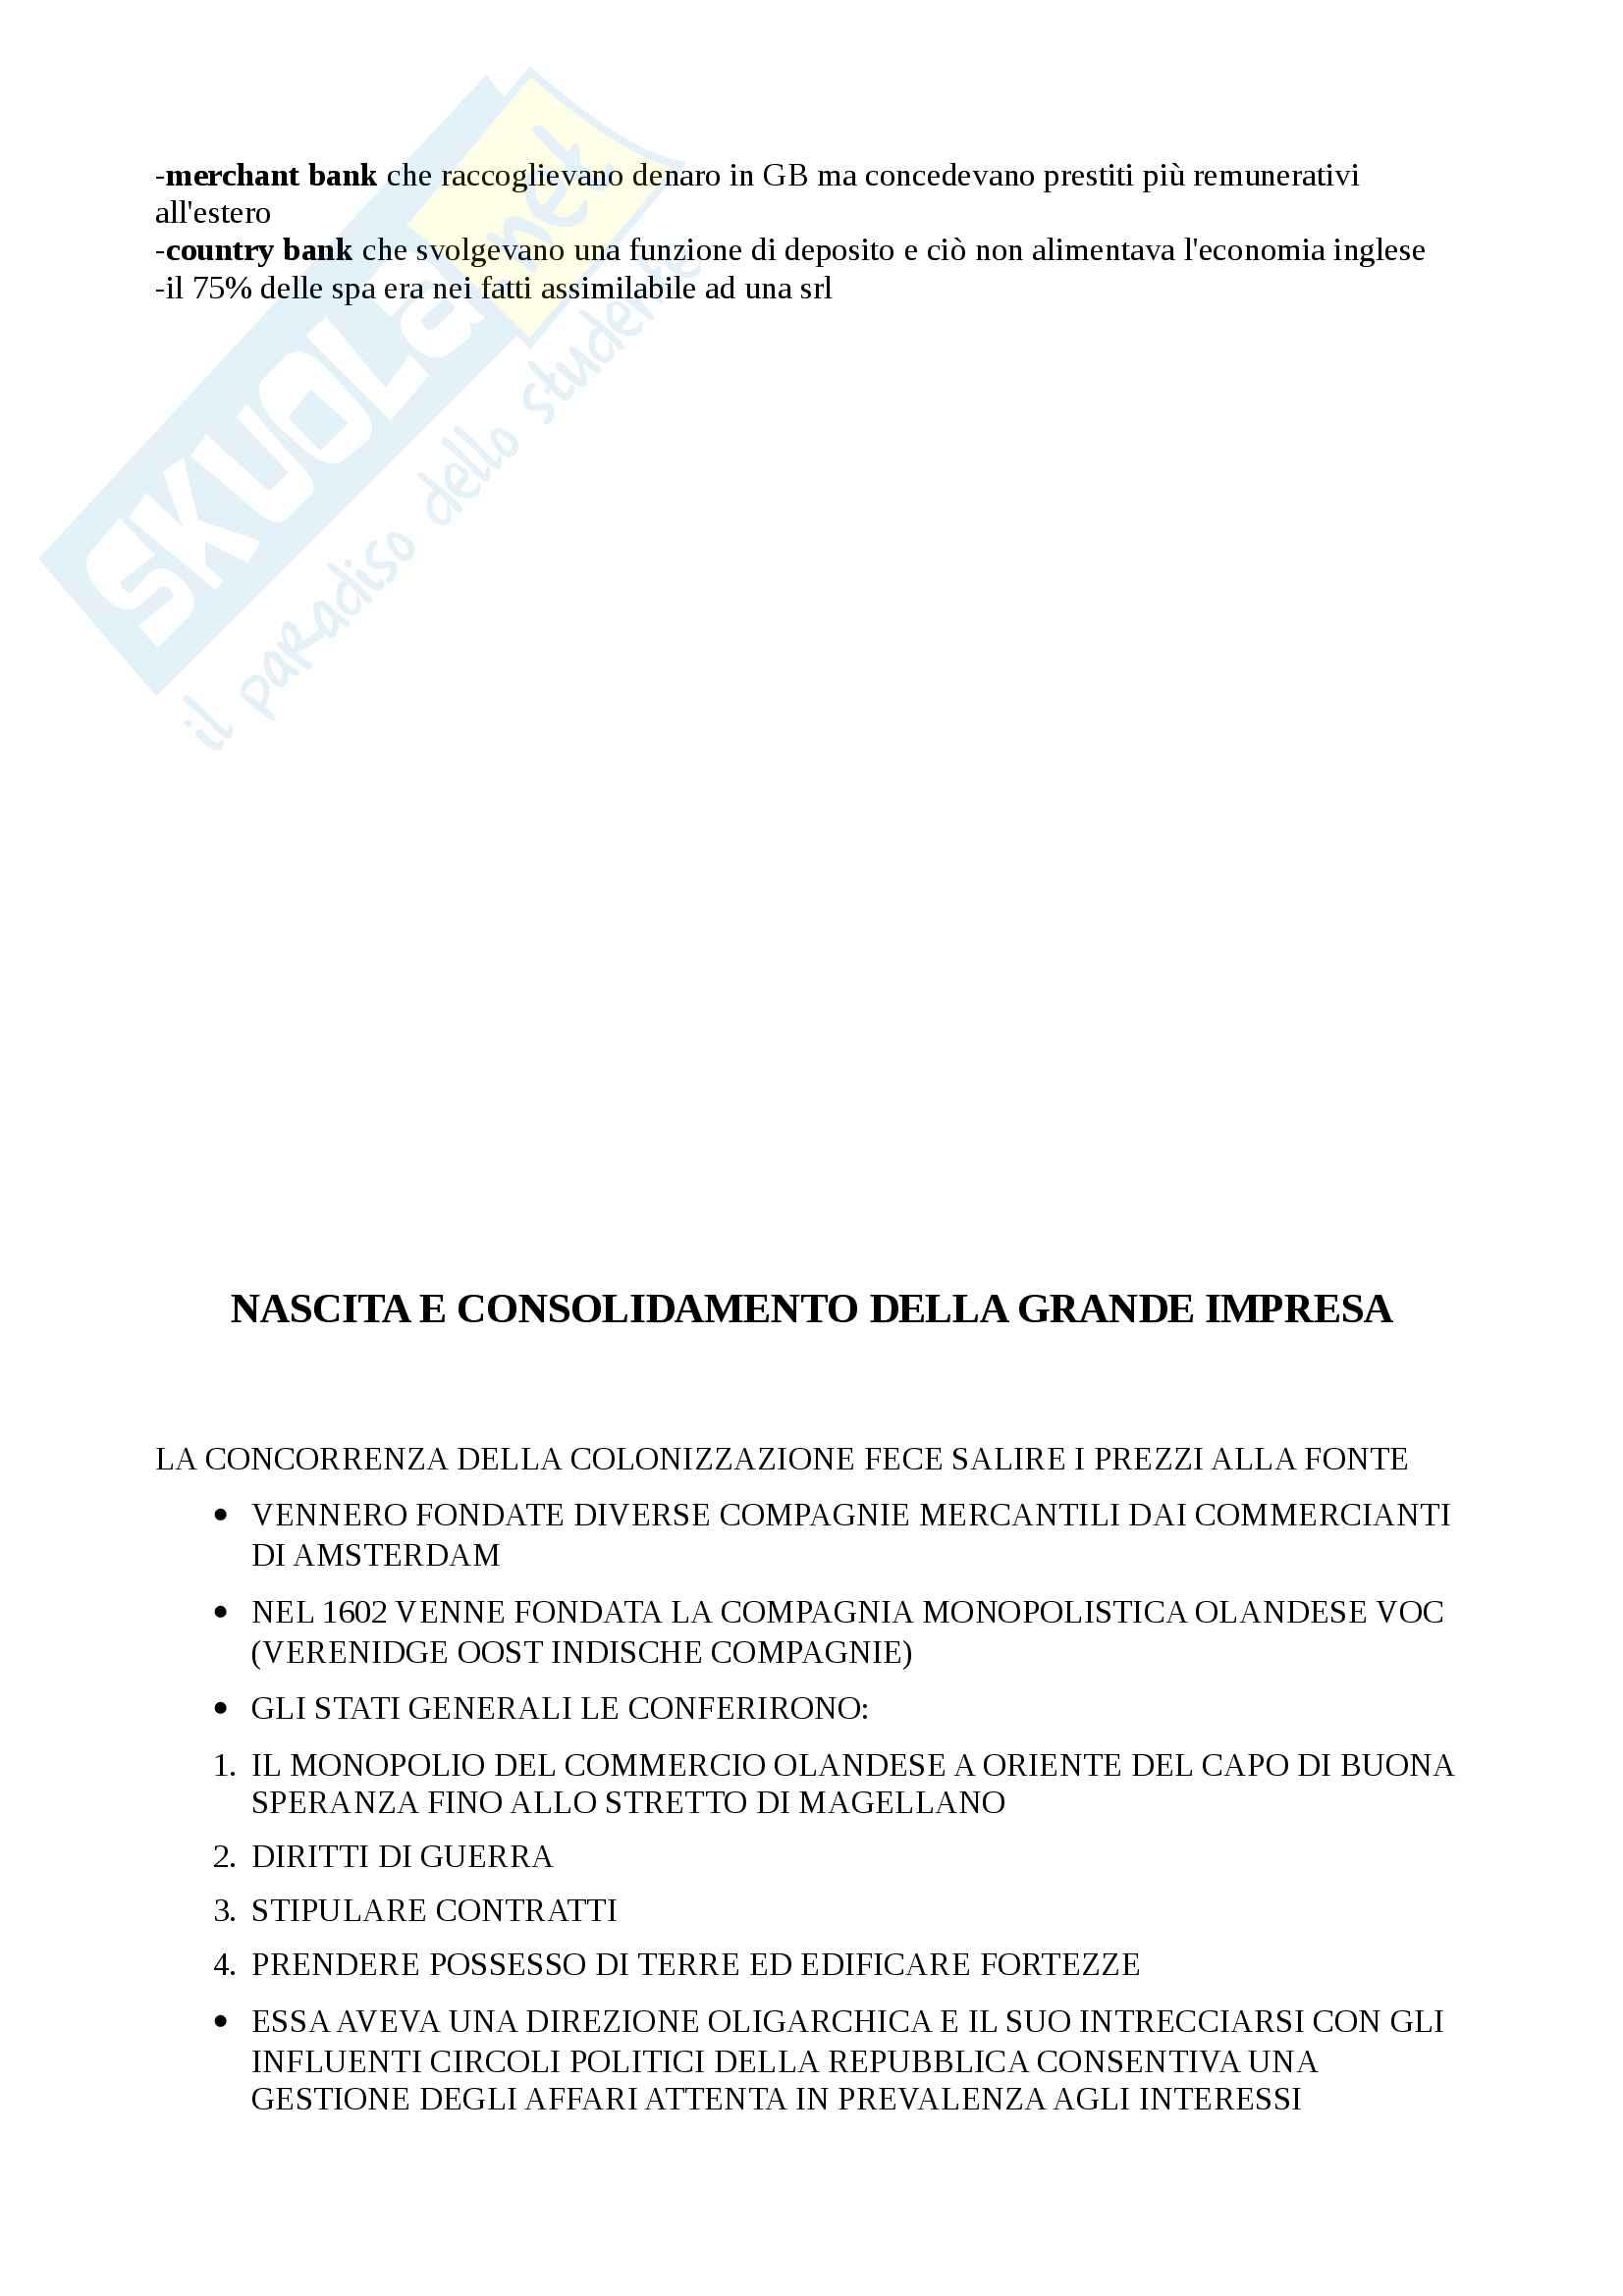 Storia dell'impresa (Appunti) Pag. 16